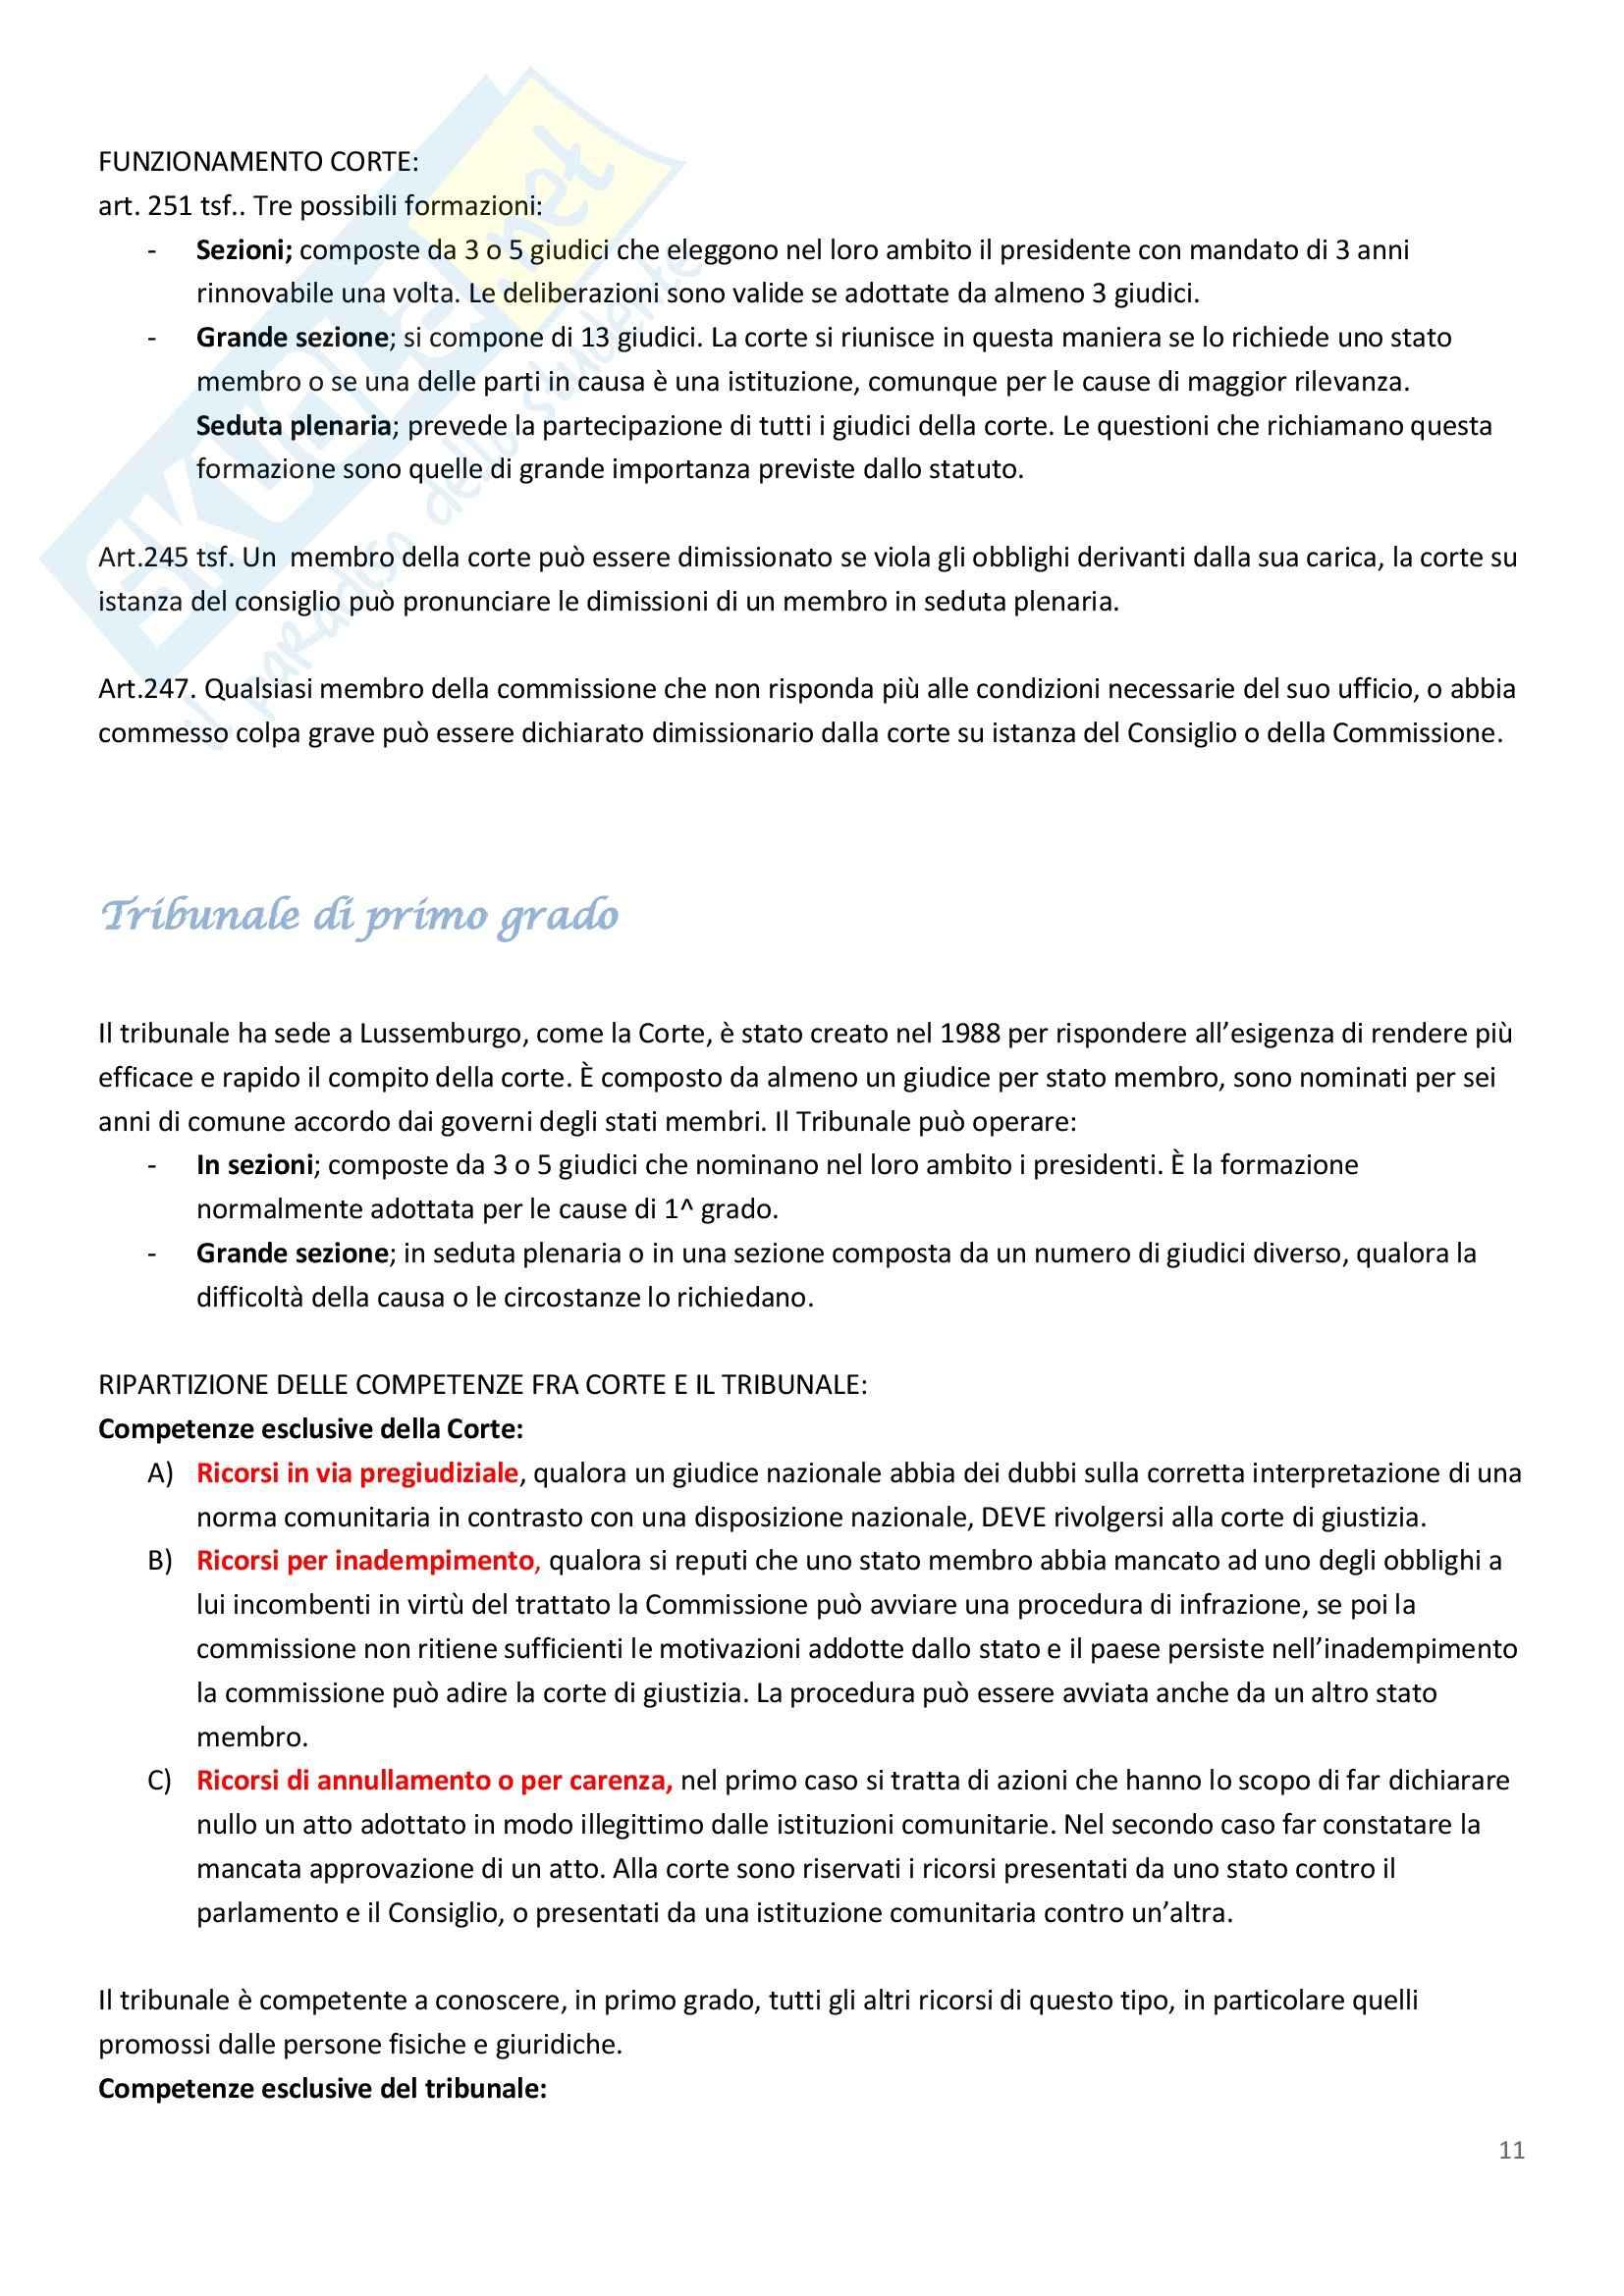 Diritto dell'Unione Europea - Appunti Pag. 11